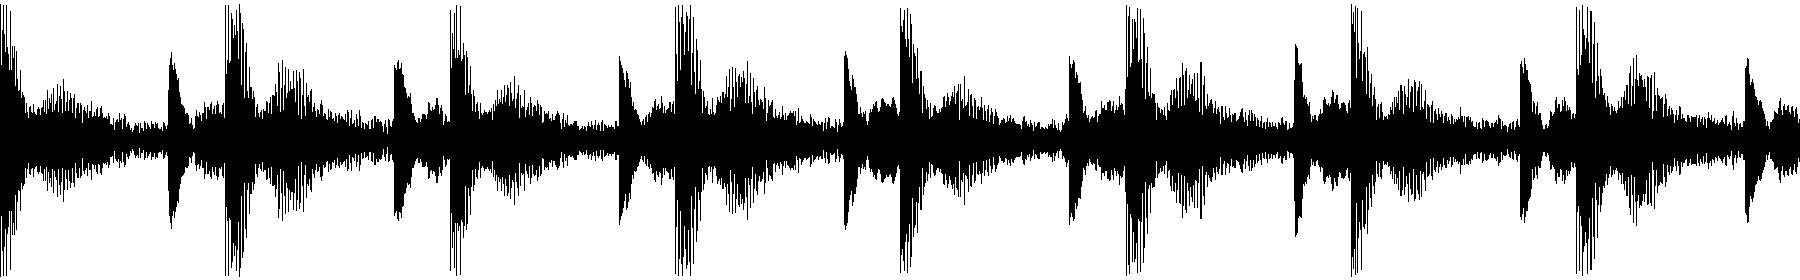 sample 1 wav